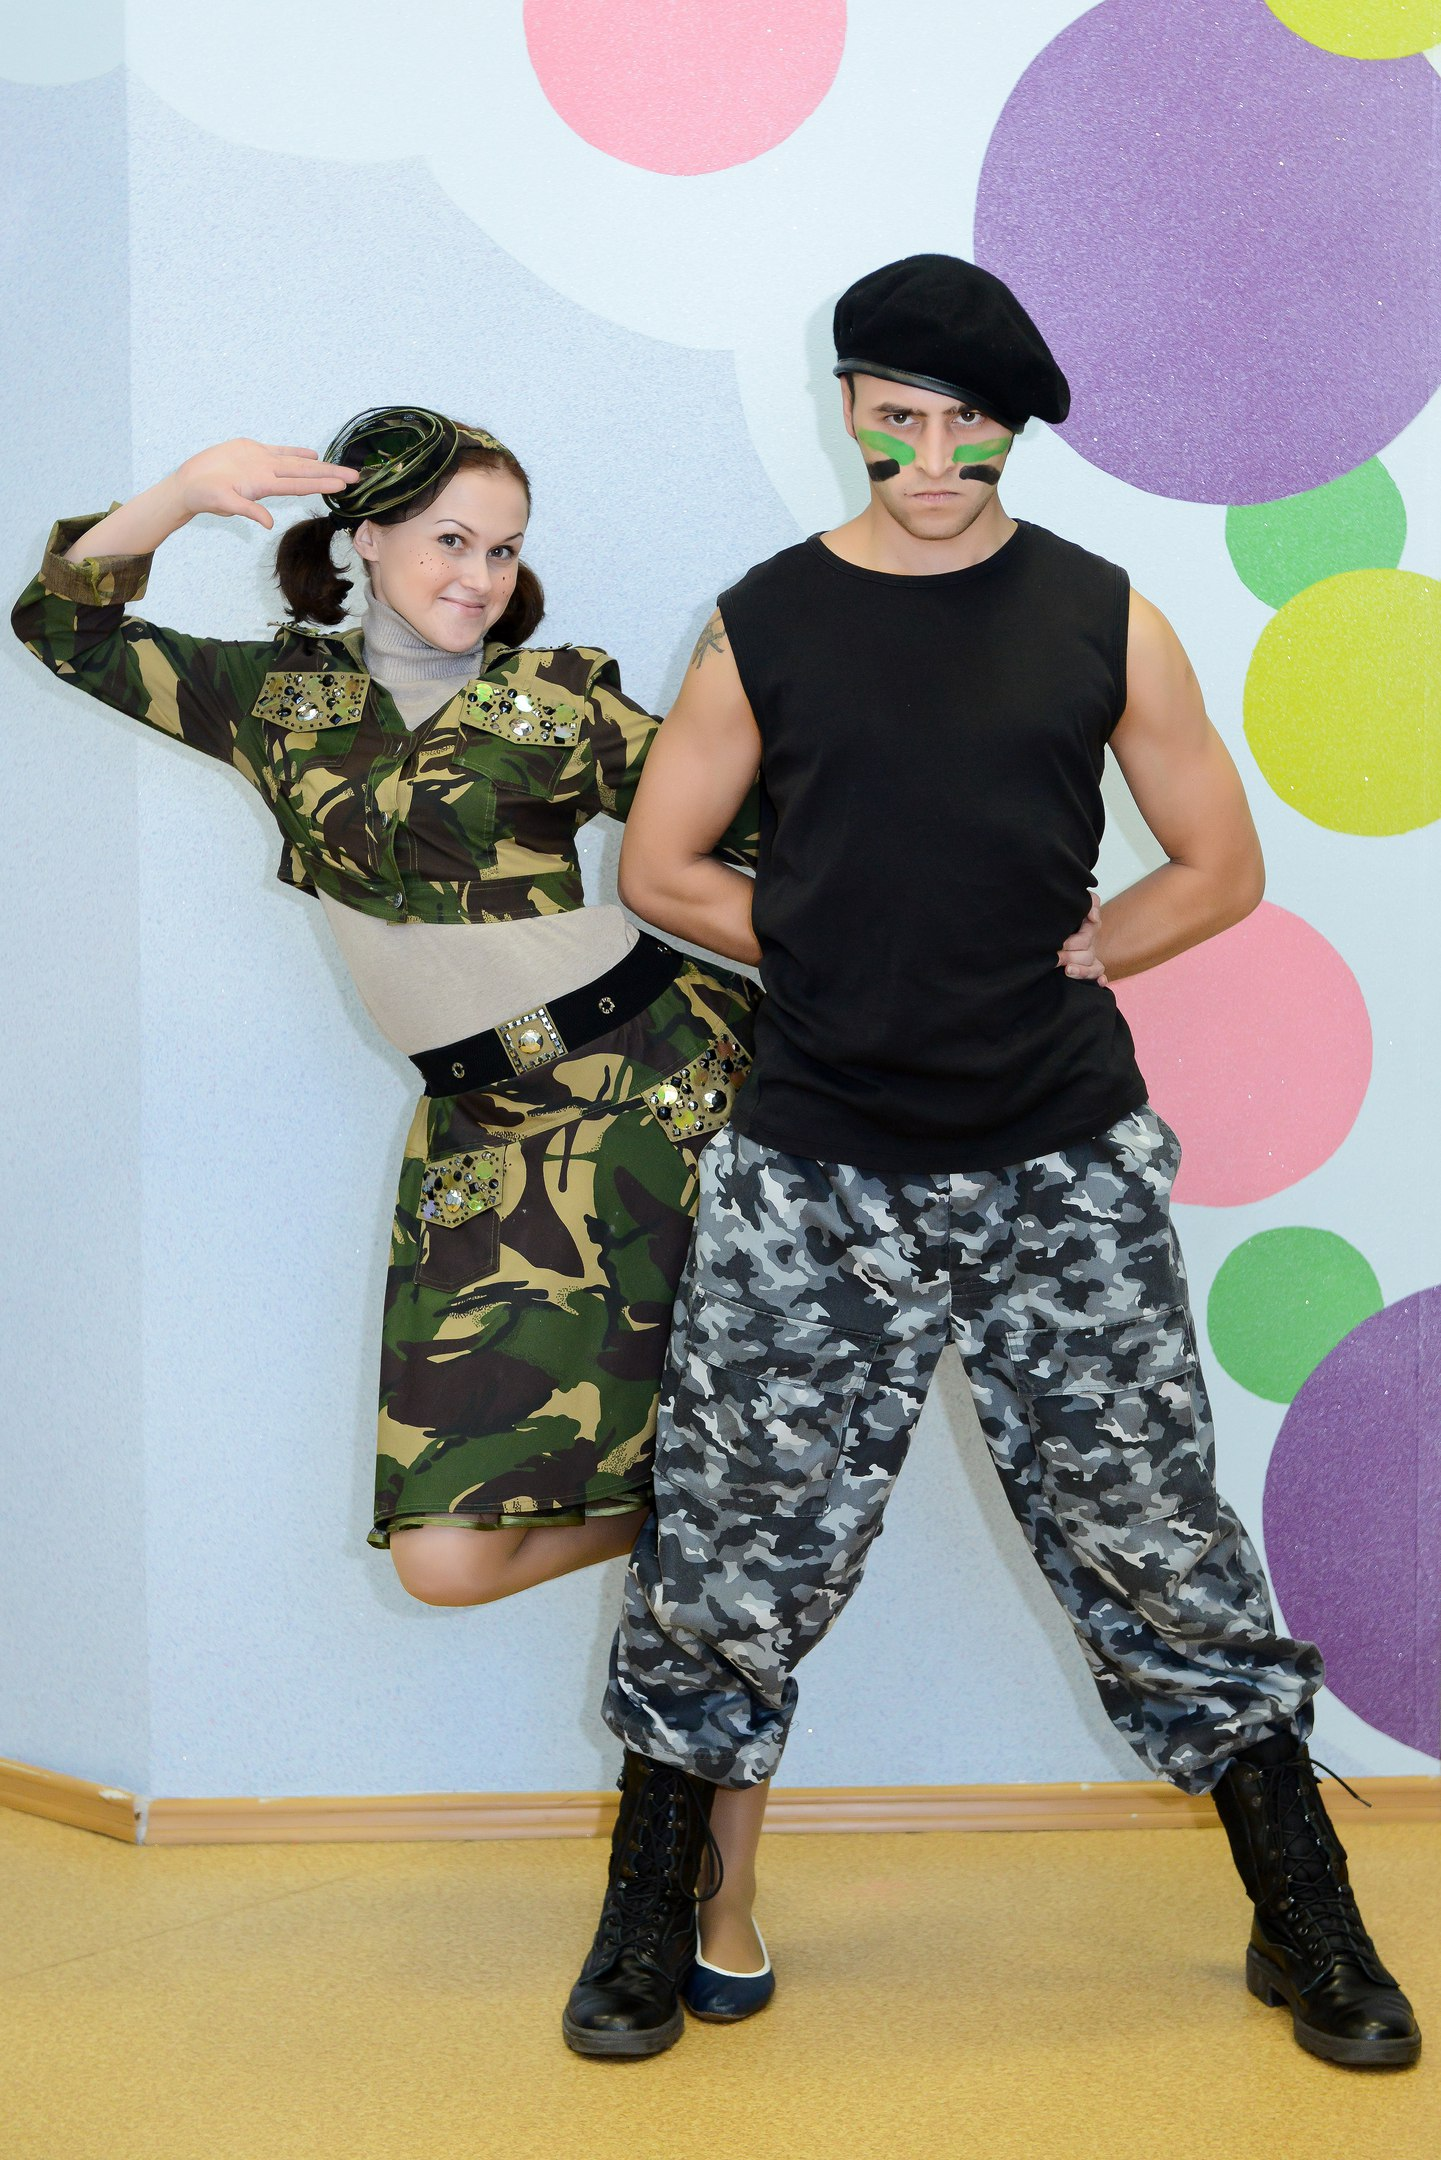 Капитан Кастрюлькин и сержант Веснушкина